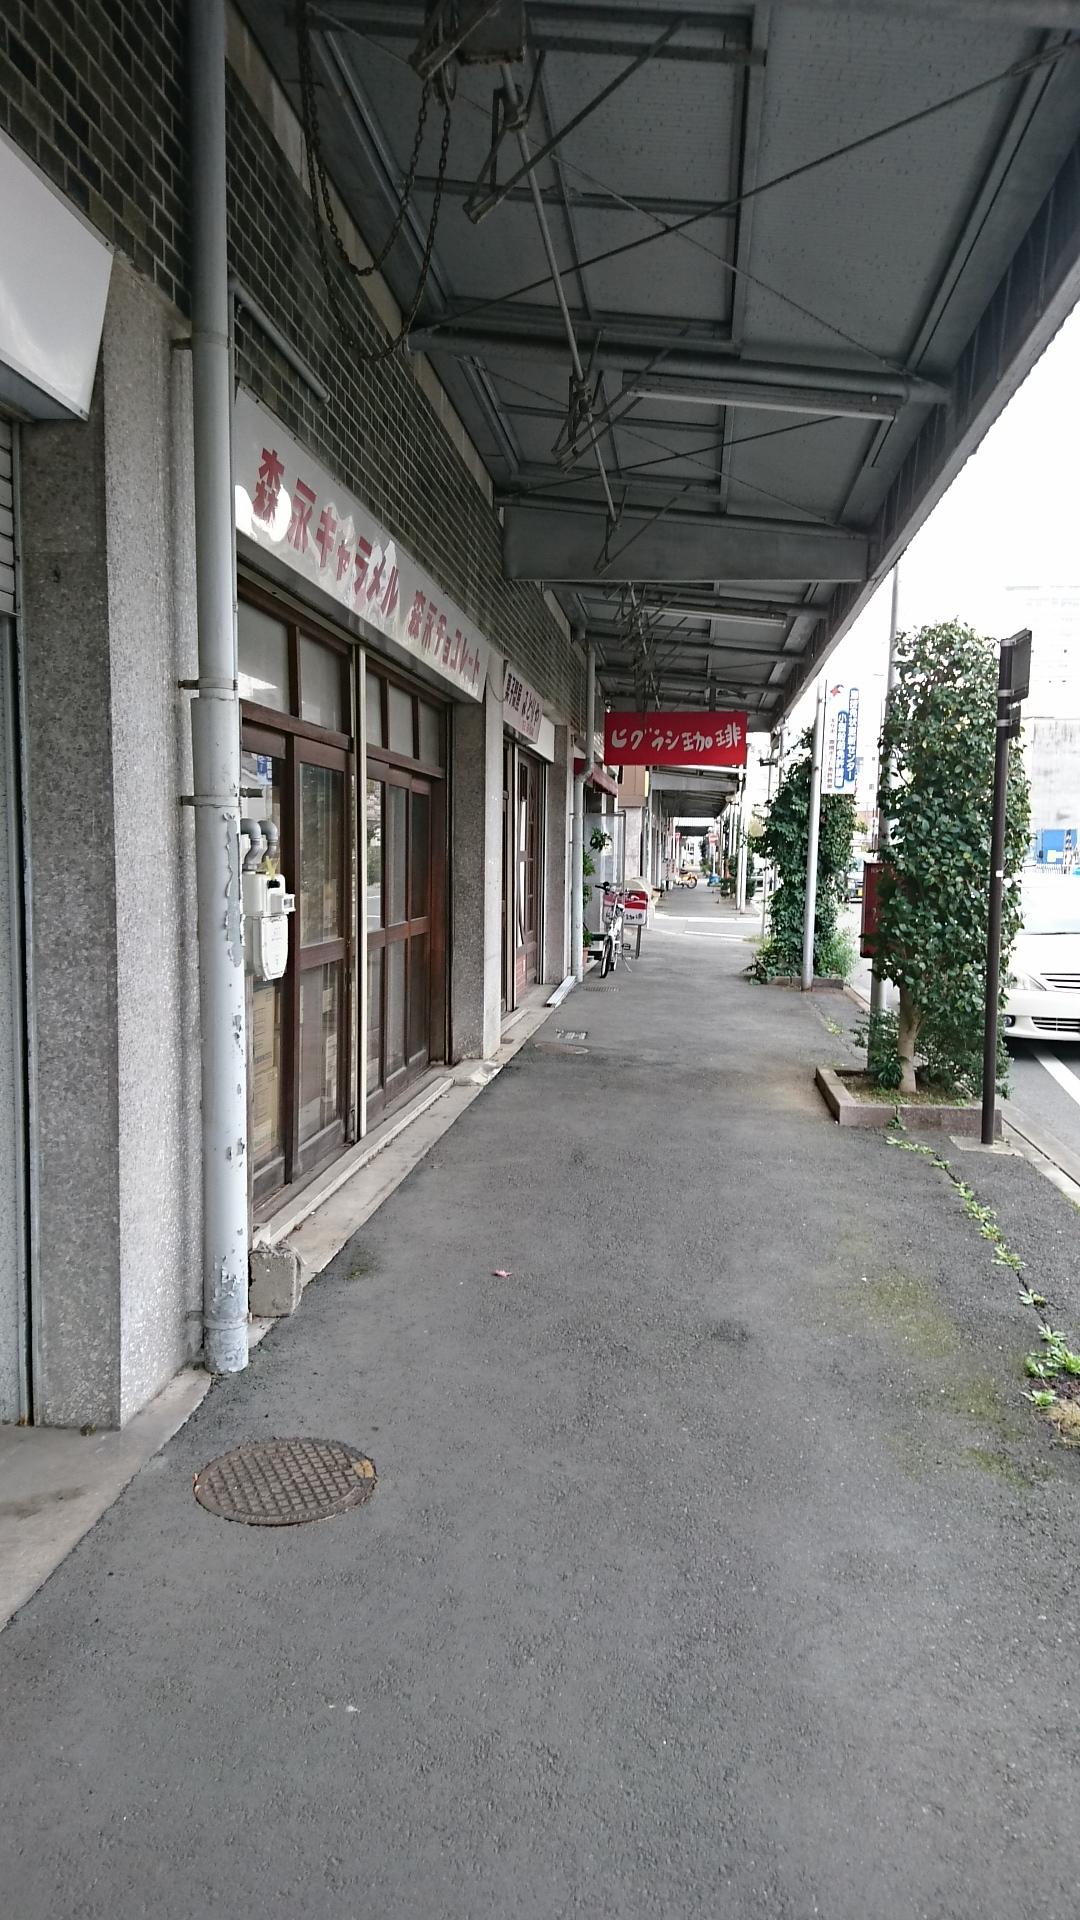 2016.12.9 豊橋 (9) 水上商店街 - ヒグラシ珈琲 1080-1920